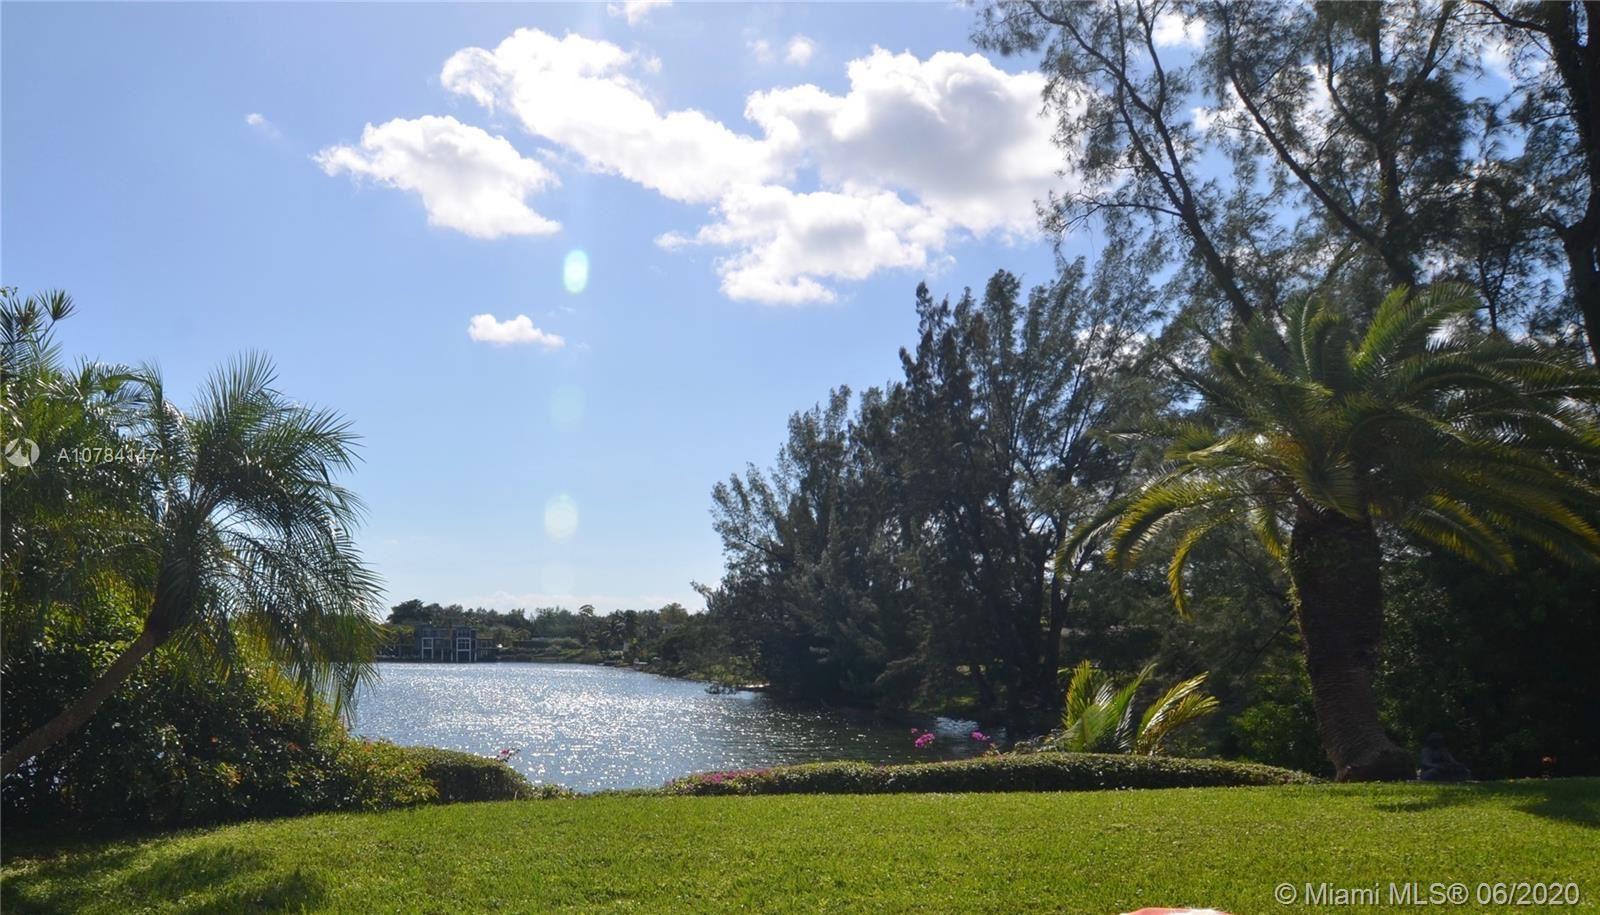 7360 SW 56th St, Miami, FL 33155 - #: A10784147